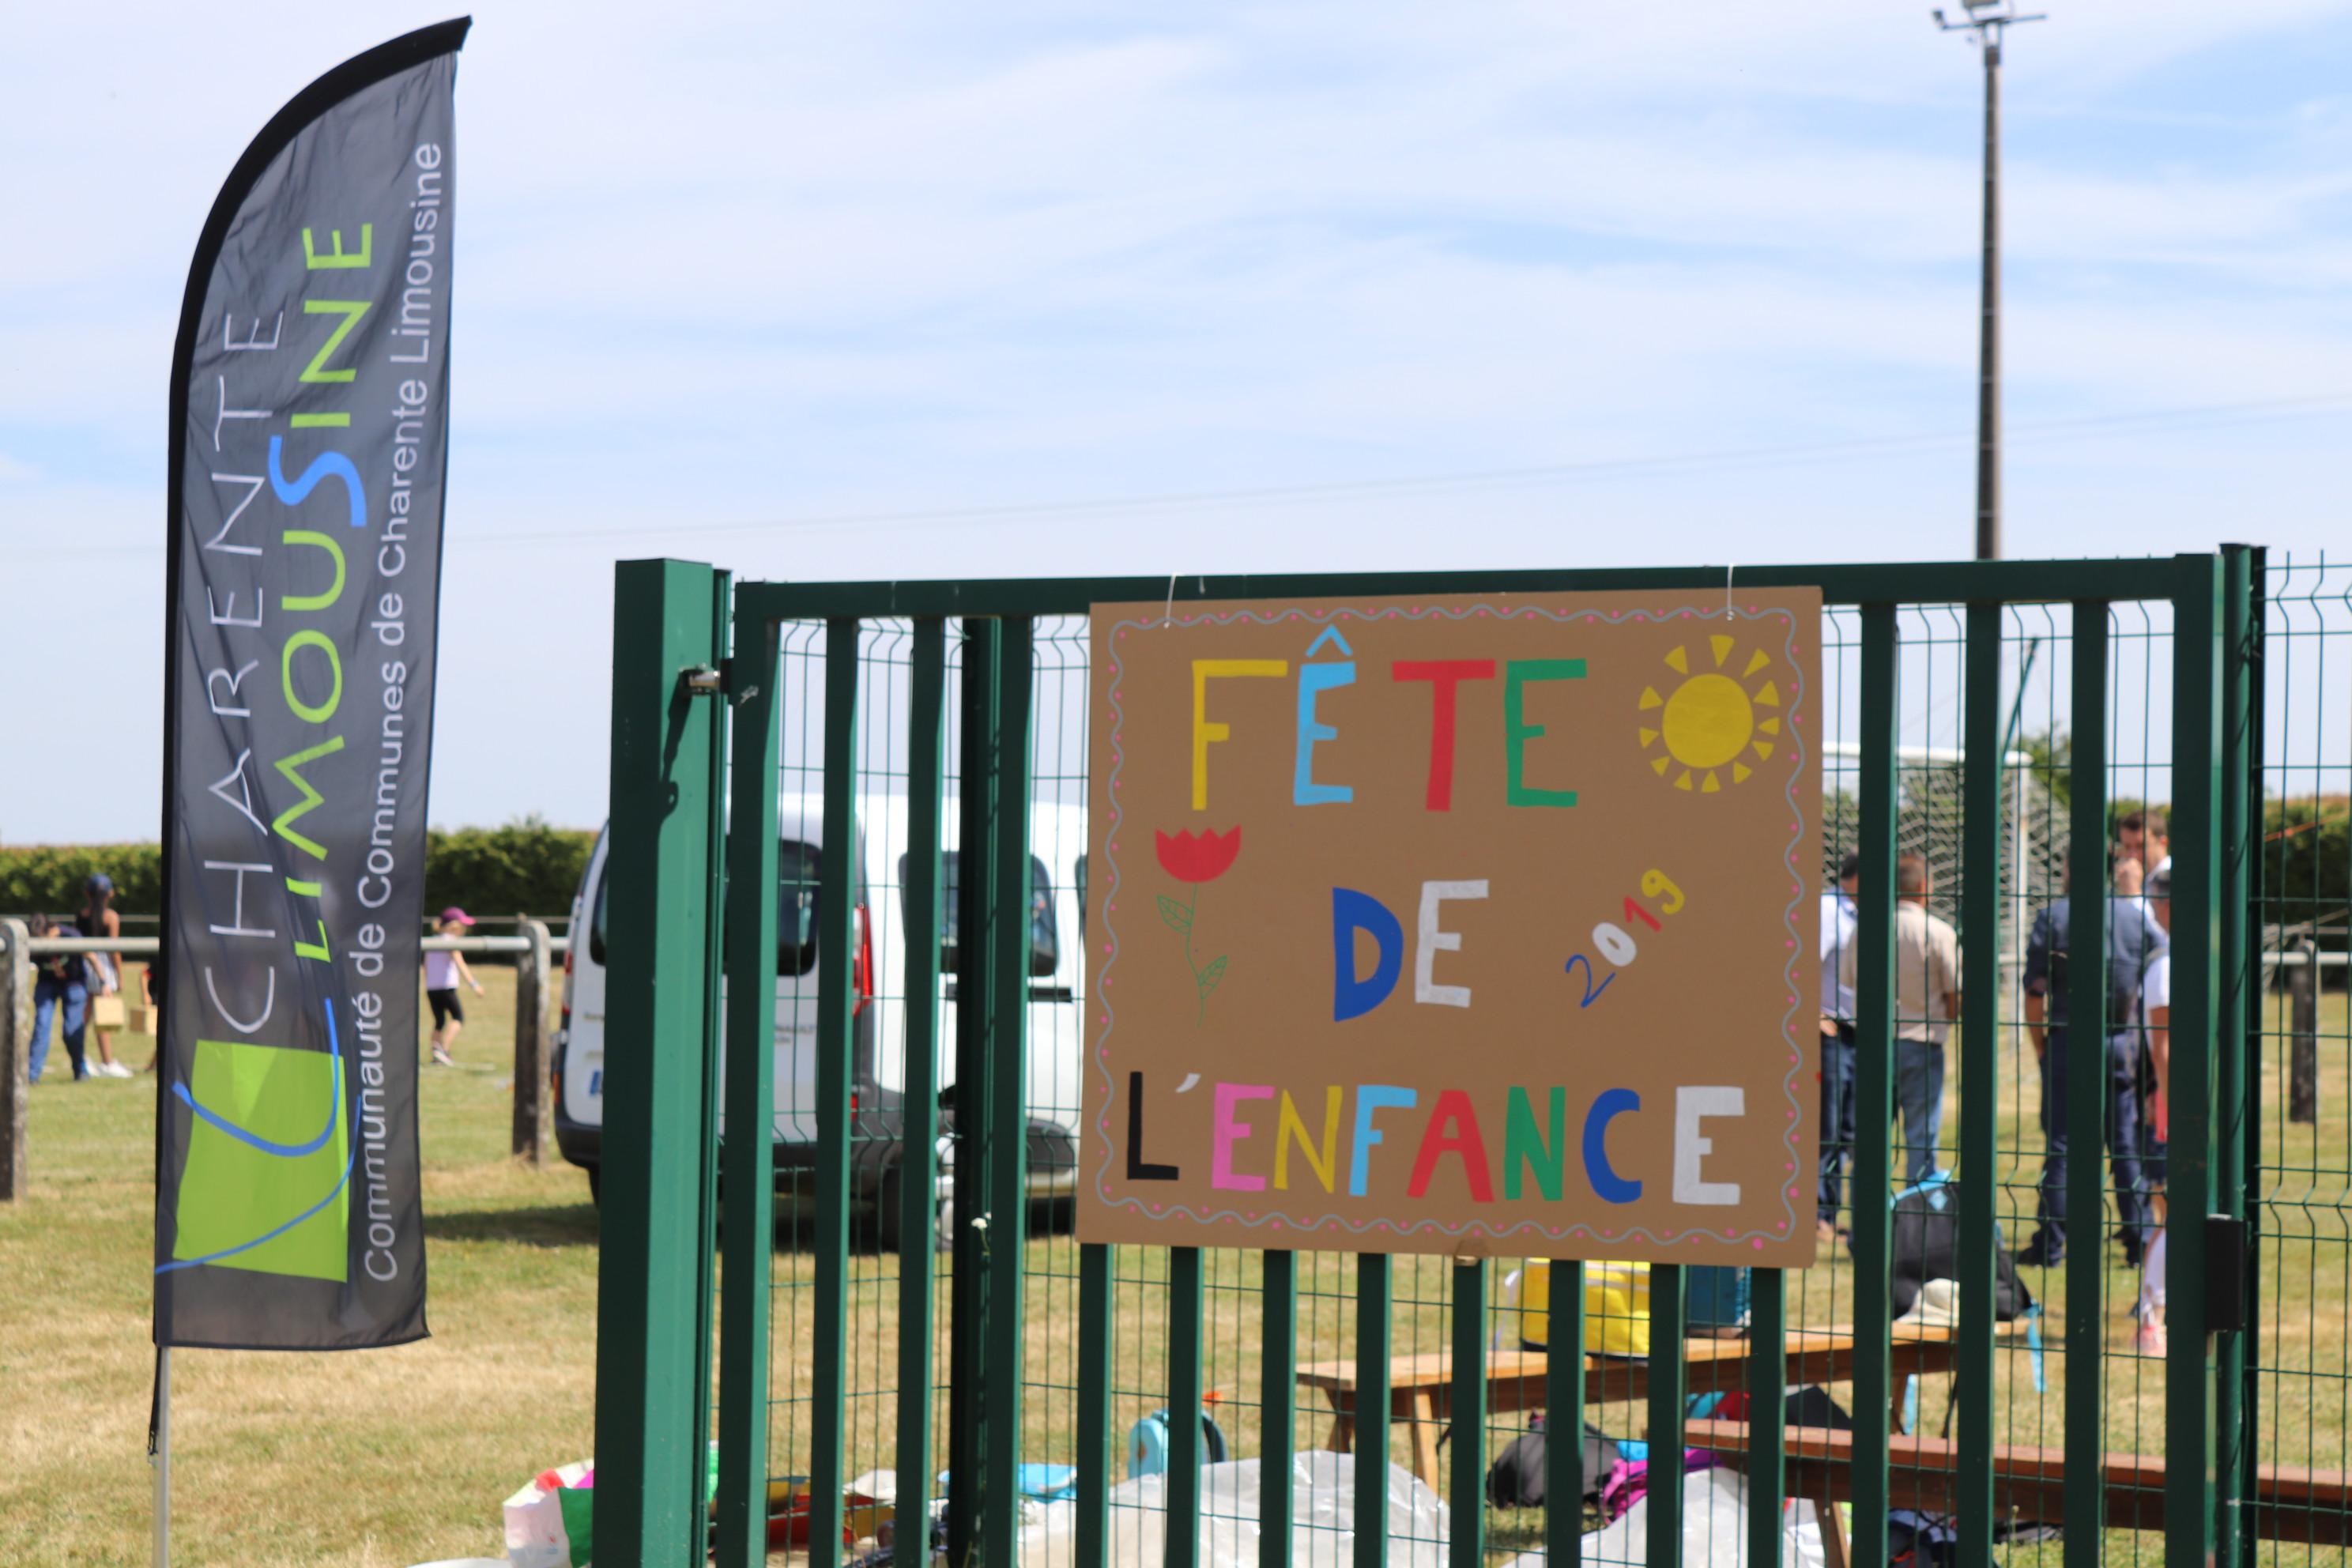 La Fête de l'enfance a rassemblé les centres de Charente-Limousine à Montemboeuf